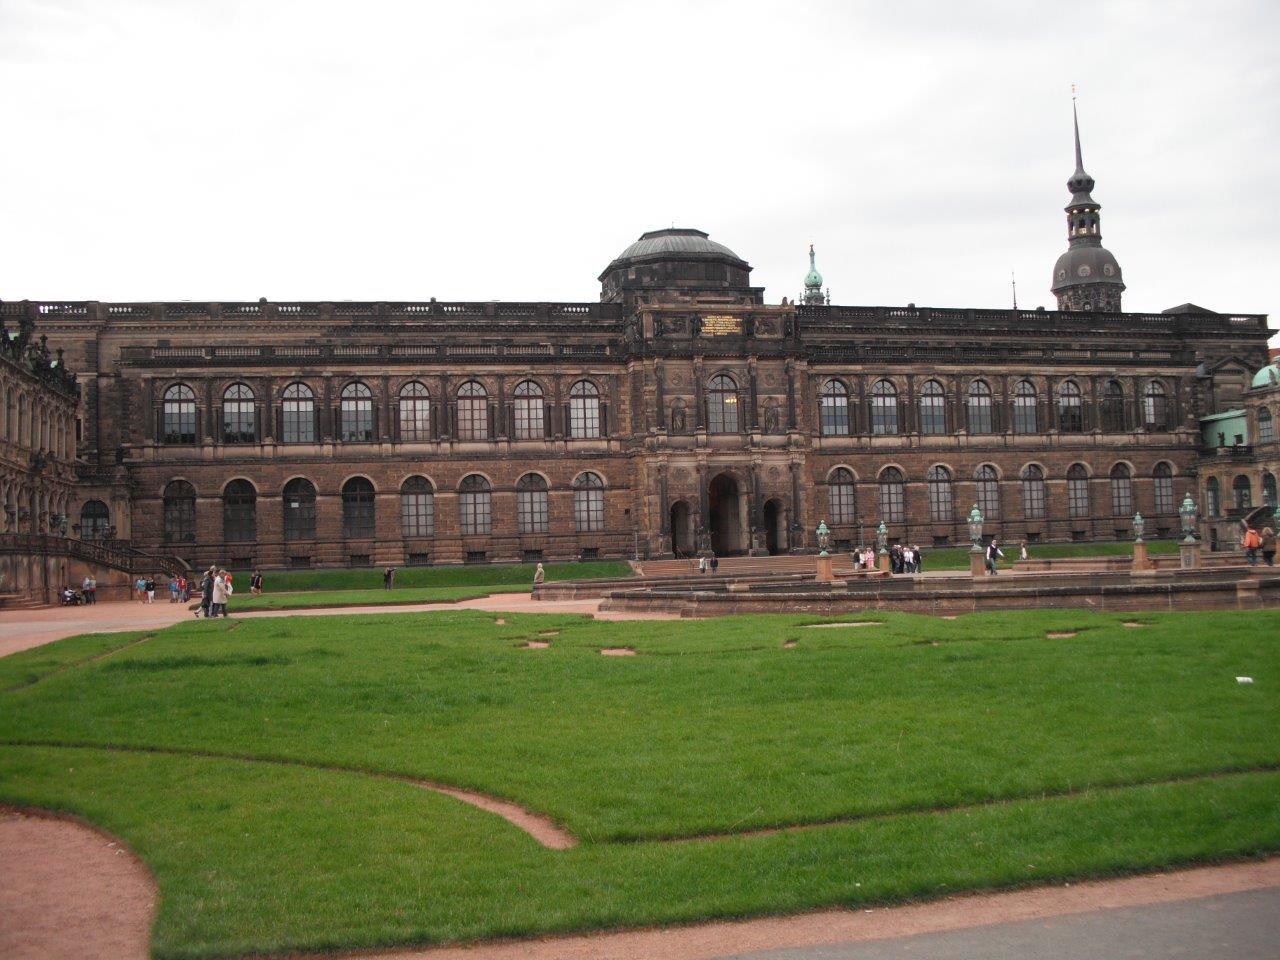 Besucherzahlen in den Museen der Staatlichen Kunstsammlungen blieben 2012 sehr nahe am Niveau von 2011